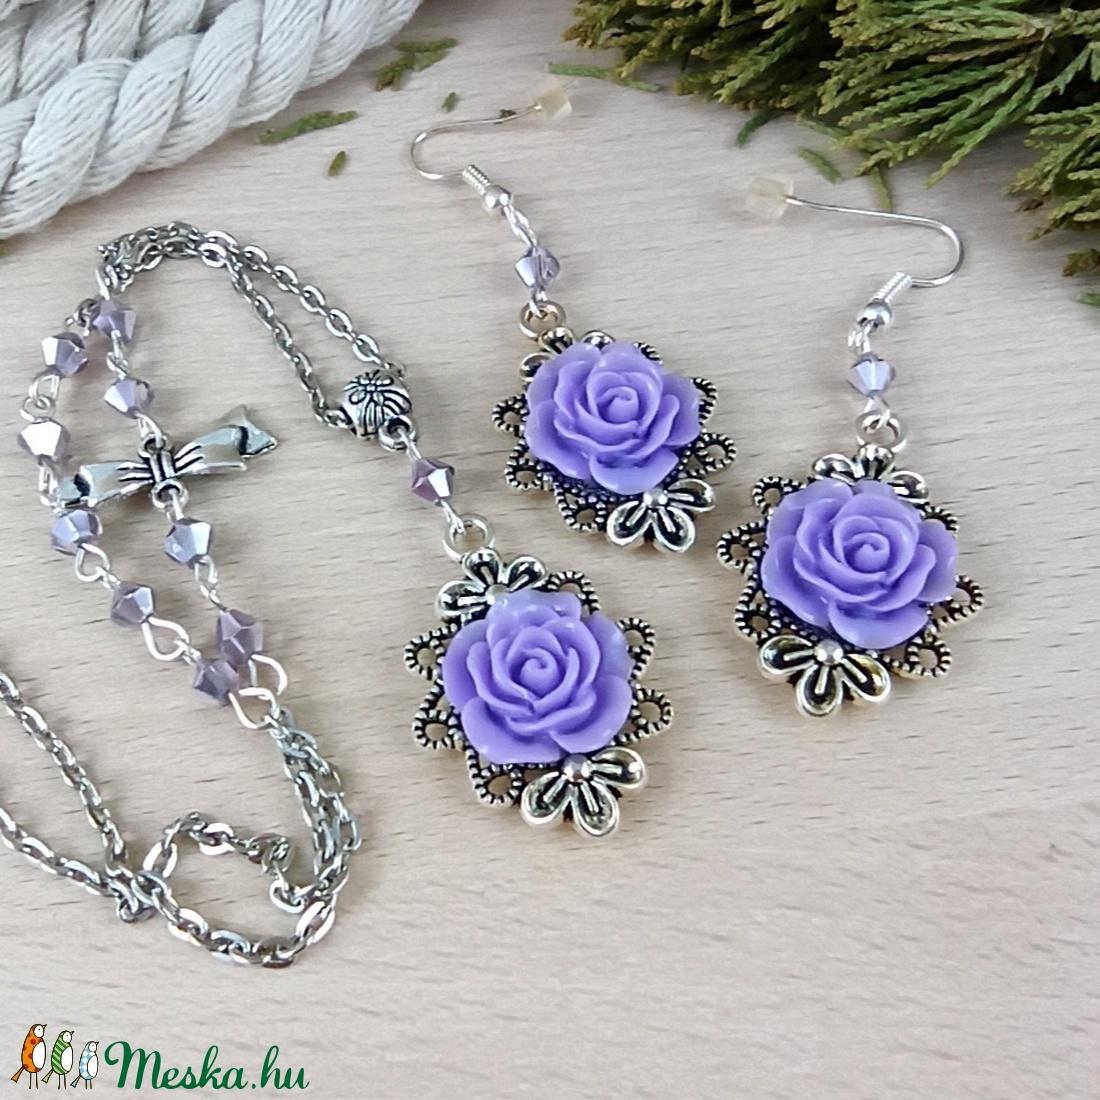 #43 lila rózsás sötét ezüst szett nyaklánc fülbevaló esküvő alkalmi koszorúslány örömanya menyasszony násznagy - ékszer - ékszerszett - Meska.hu